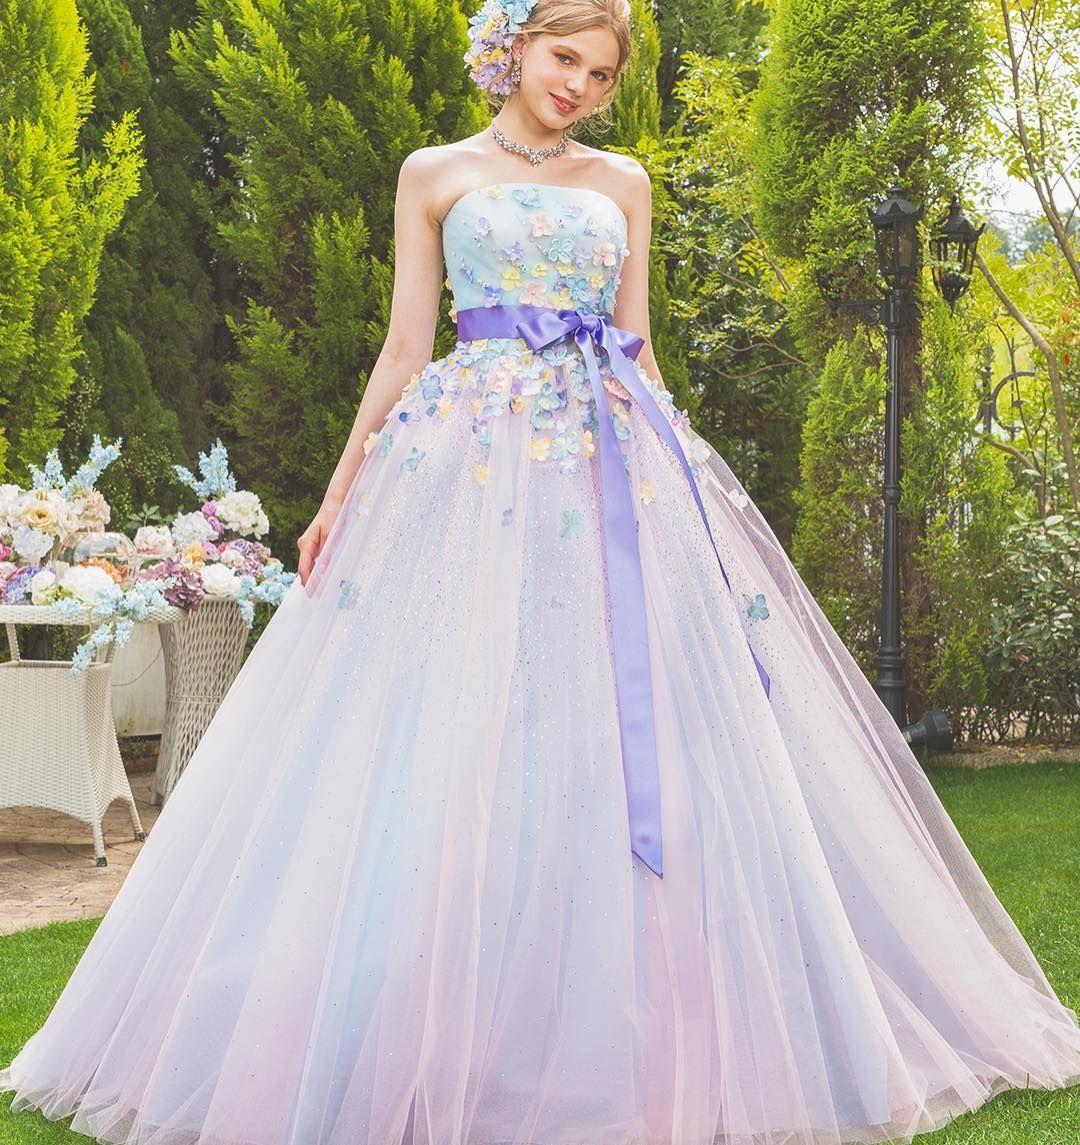 f59a1c9219c97 ドレスに散りばめられたお花とキラキラ輝くグリッターが素敵な、 カラー ...